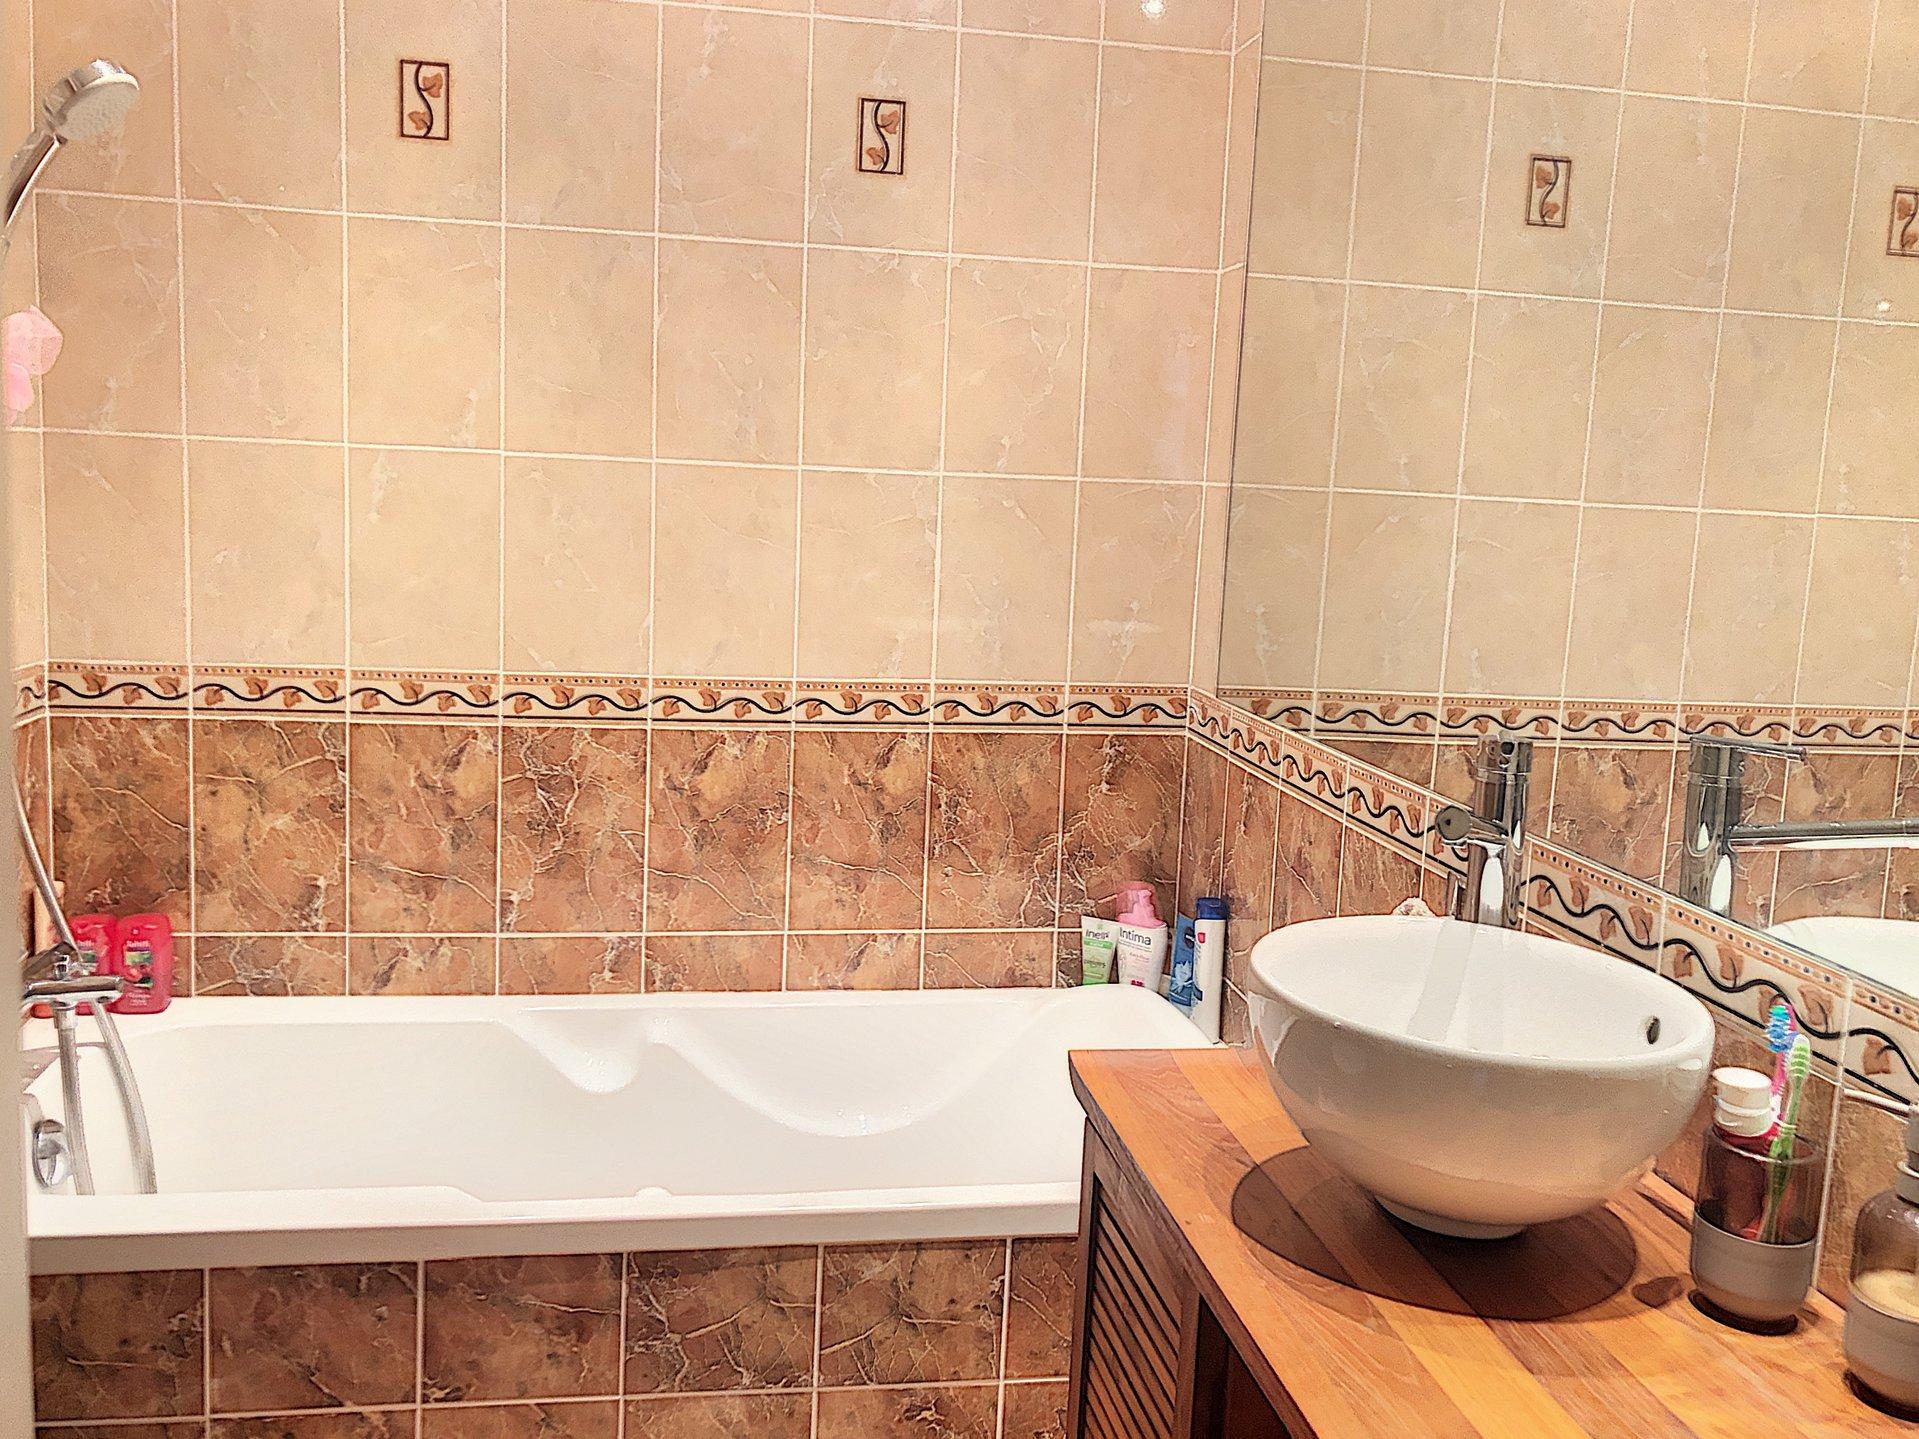 VENCE (06140) - Appartement 2 pièces - Terrasse